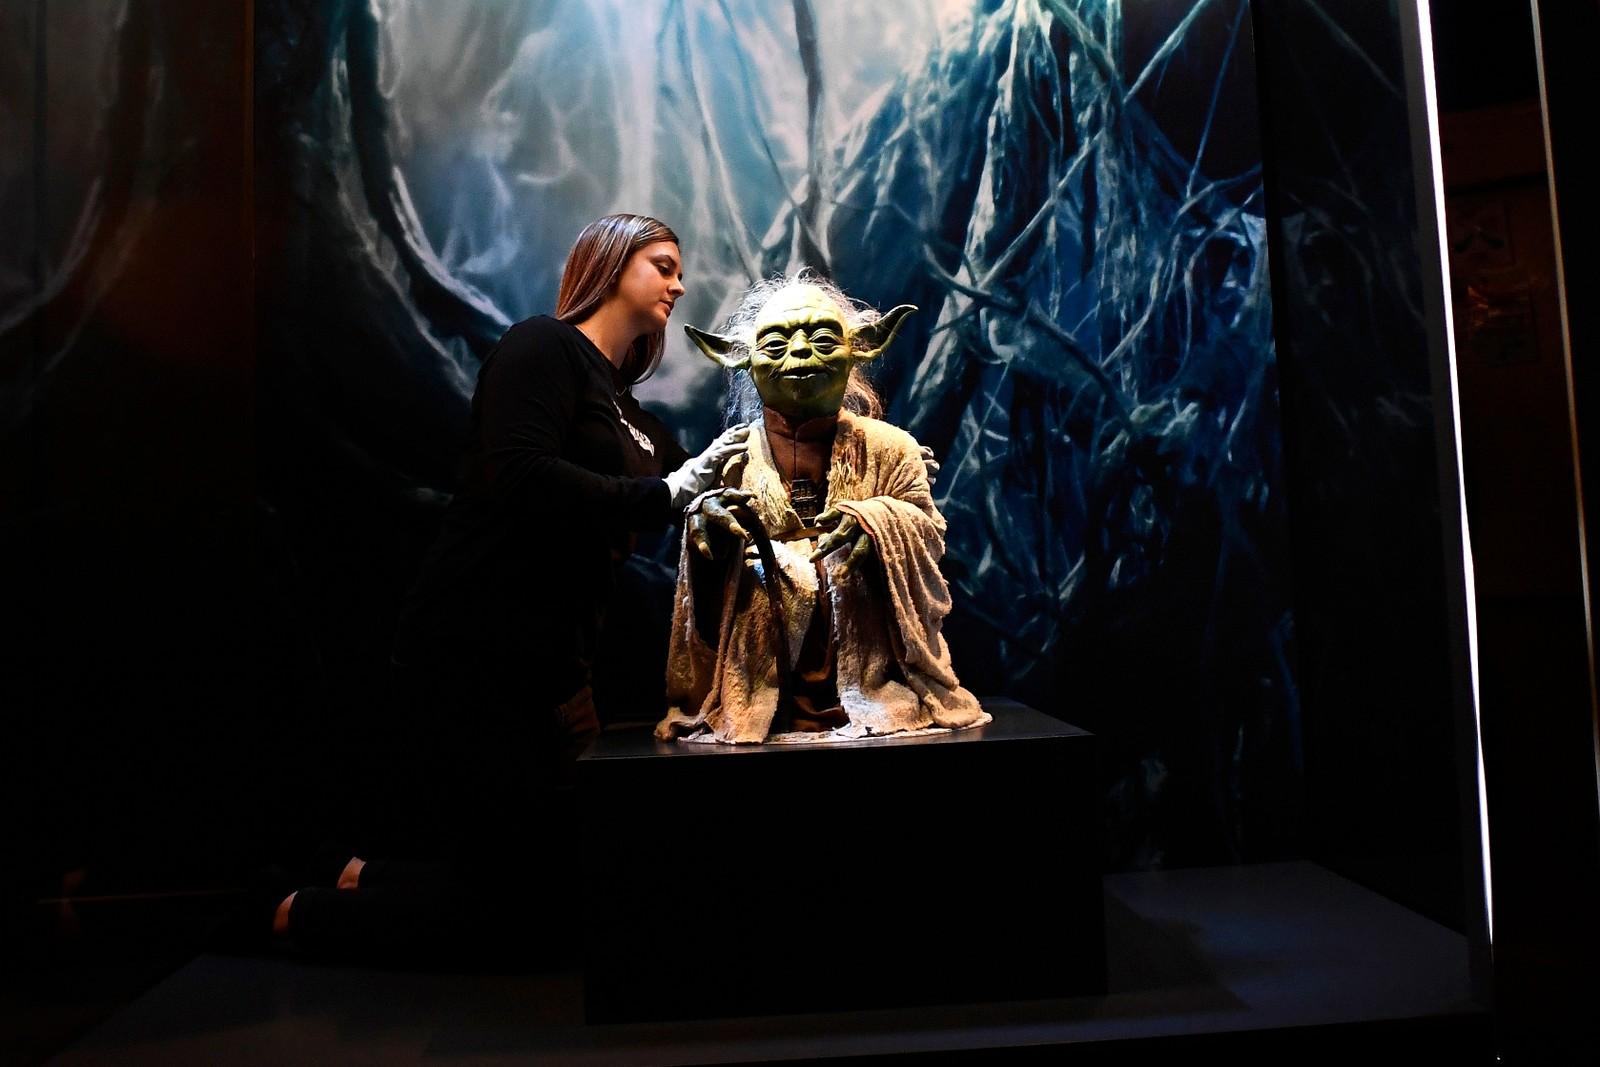 Kathy Smeaton, som jobber for ved Lucas Museum of Narrative Art, står sammen med Yoda-dukken som ble brukt i Star Wars-filmene. Man kan se Yoda og annet fra filmene på en utstilling i London.